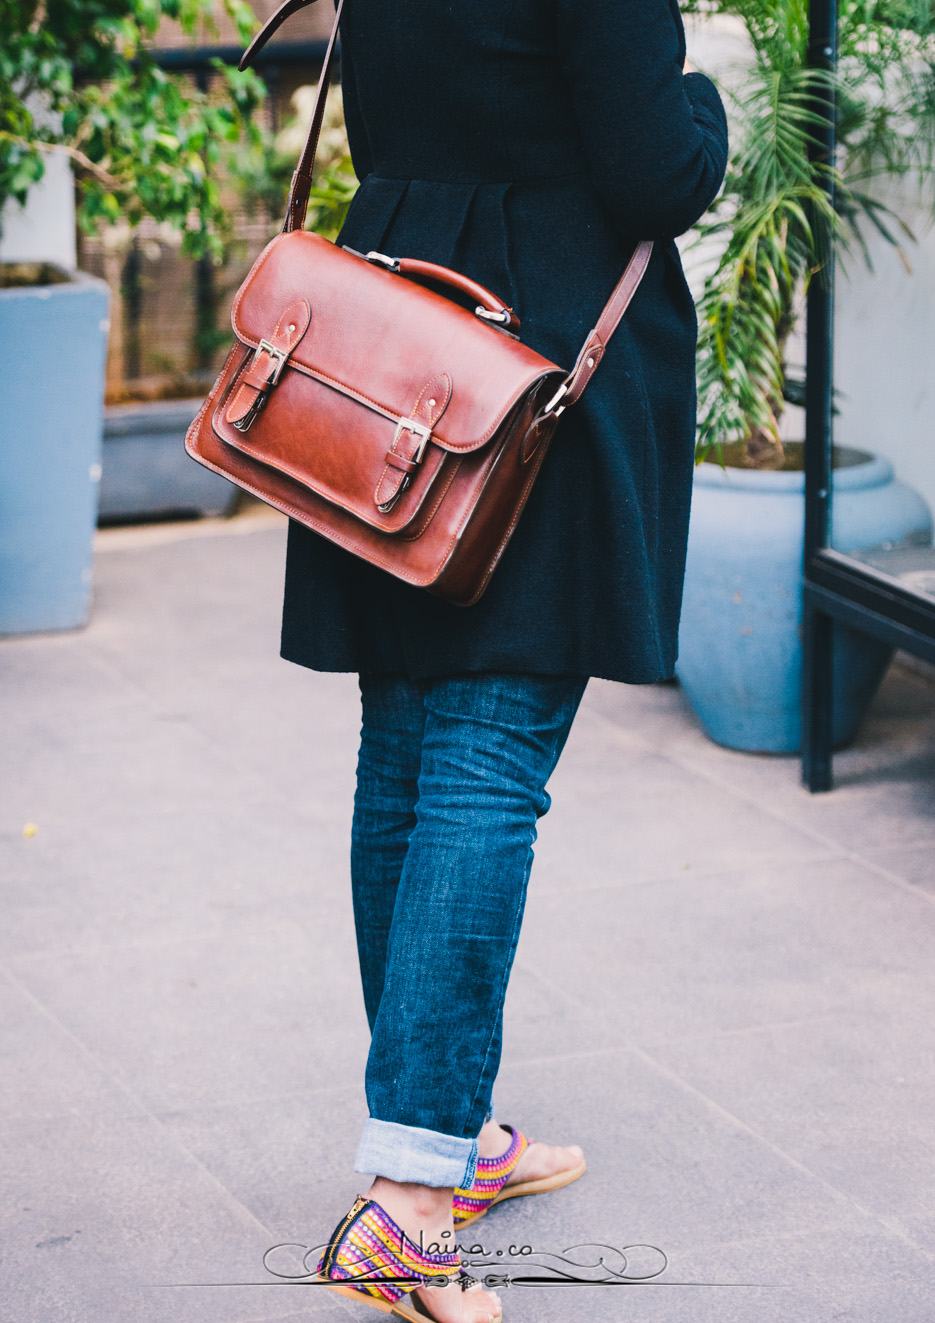 ONA Bags, Brooklyn Satchel Camera Bag, photographed by Lifestyle photographer, blogger Naina Redhu of Naina.co